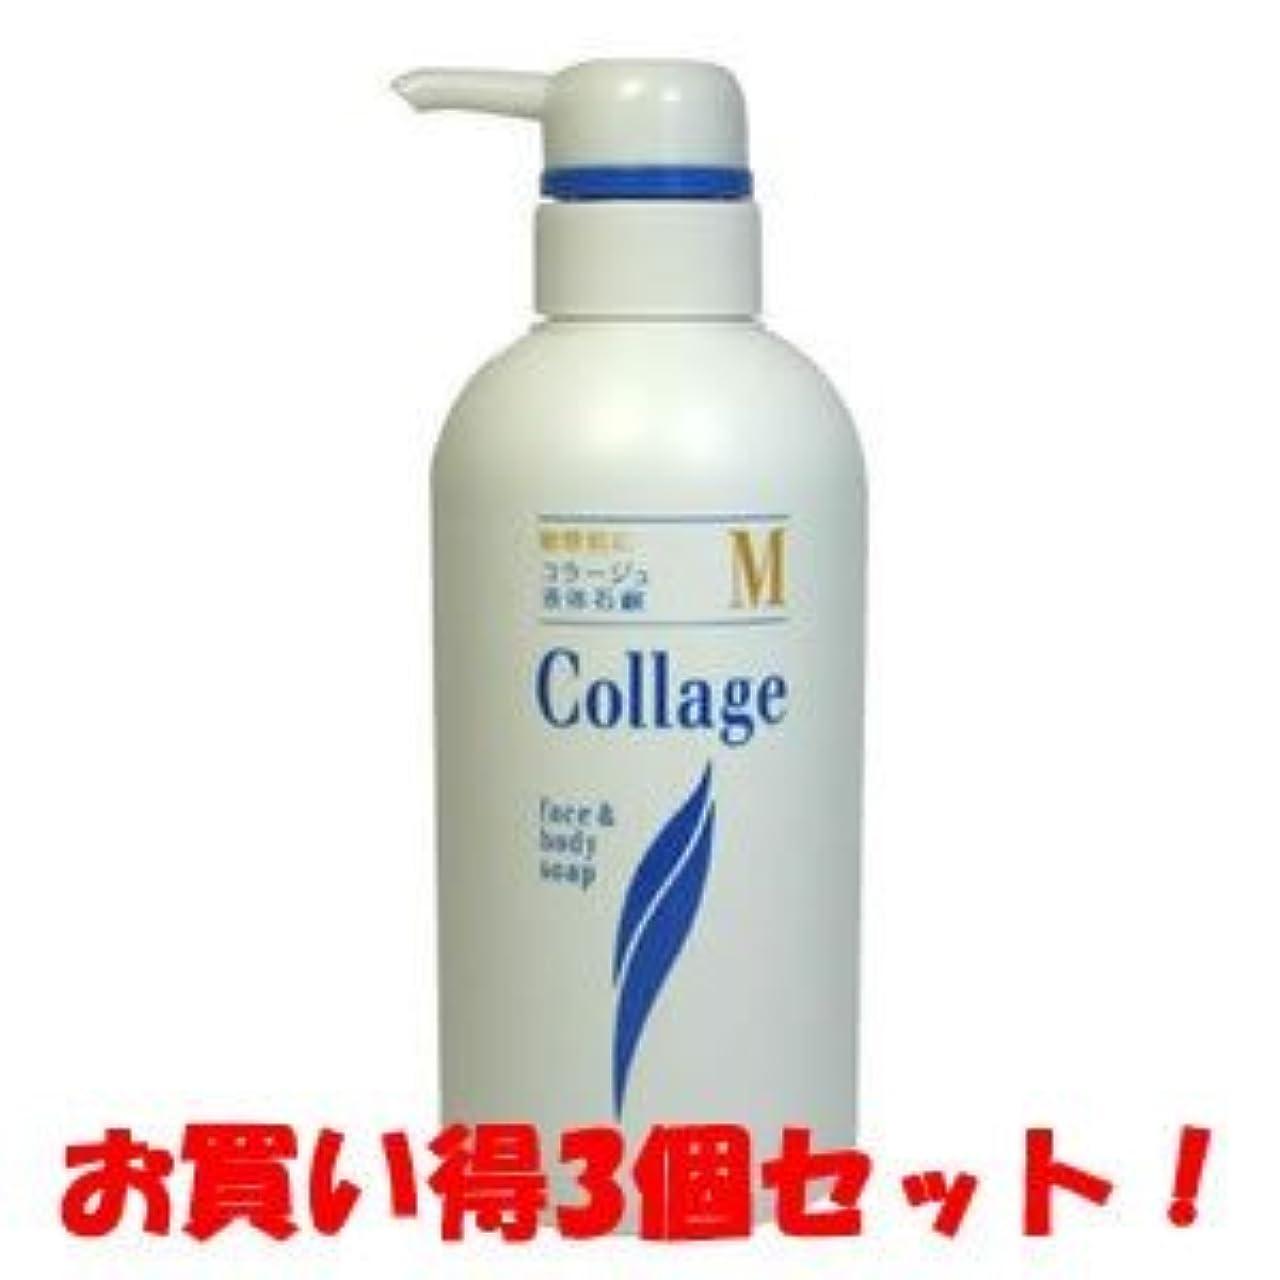 苦行呼吸するキャラクター(持田ヘルスケア)コラージュM 液体石鹸 敏感肌 400ml(お買い得3個セット)